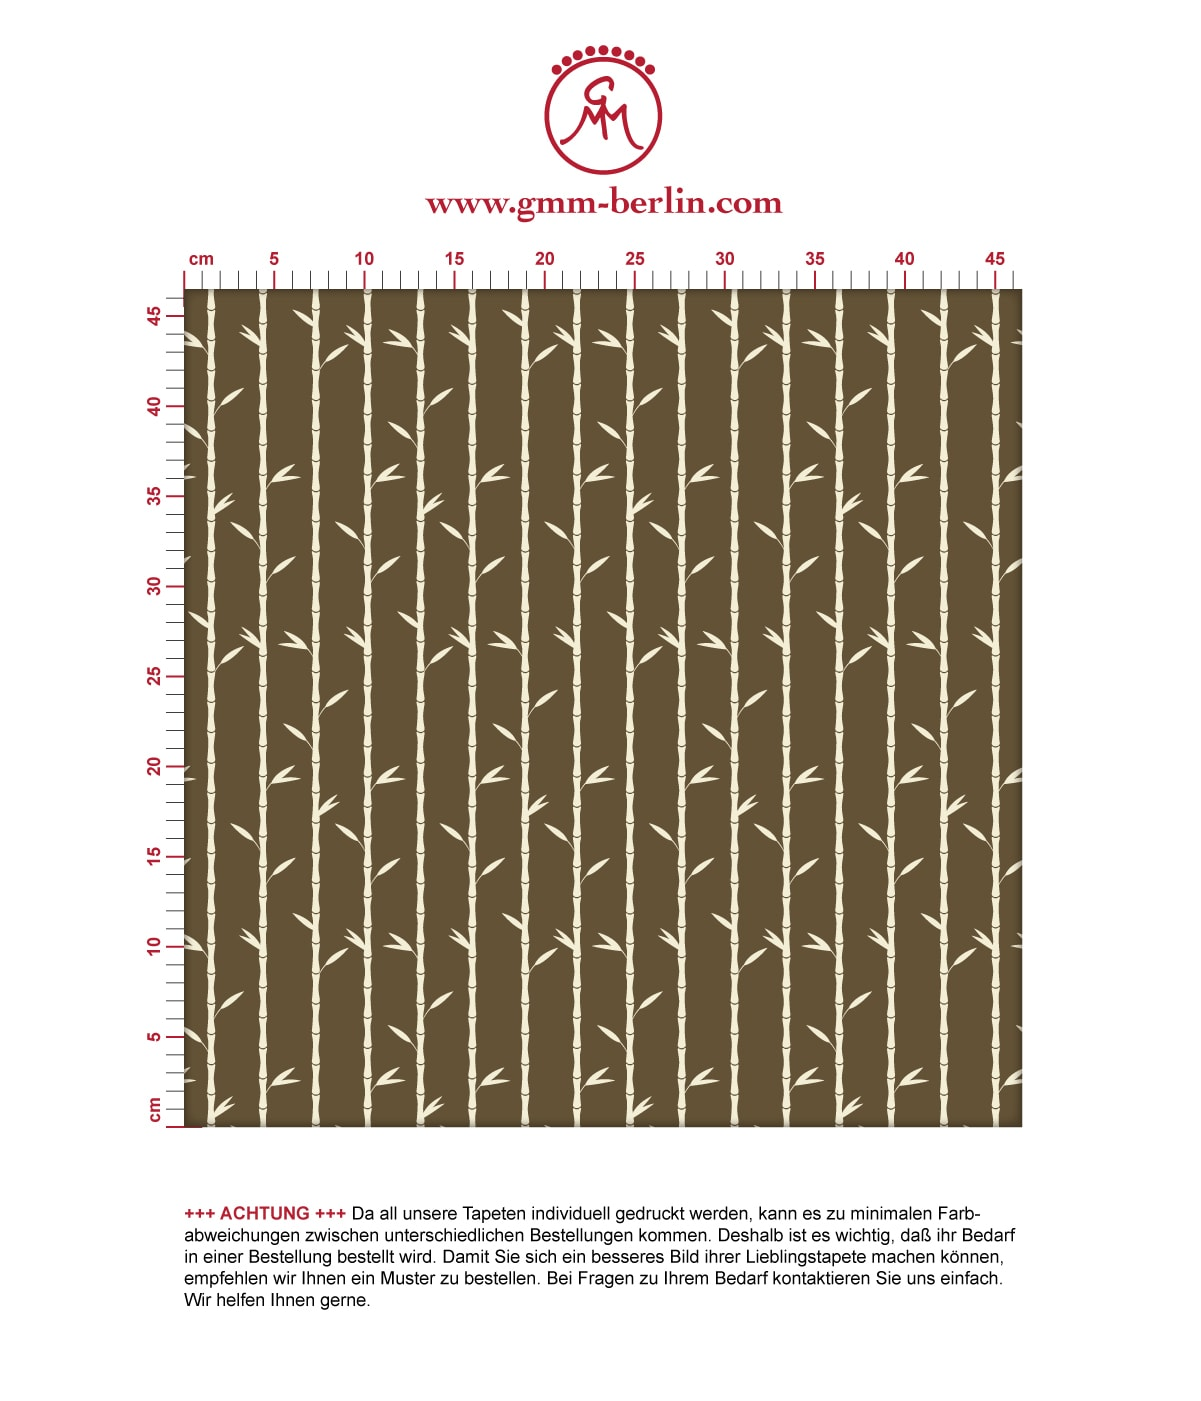 """Grafik Tapete """"Bamboo Garden"""" mit Bambus, braune schöne Wanddeko Blumentapete für Schlafzimmer. Aus dem GMM-BERLIN.com Sortiment: Schöne Tapeten in der Farbe: dunkel braun"""